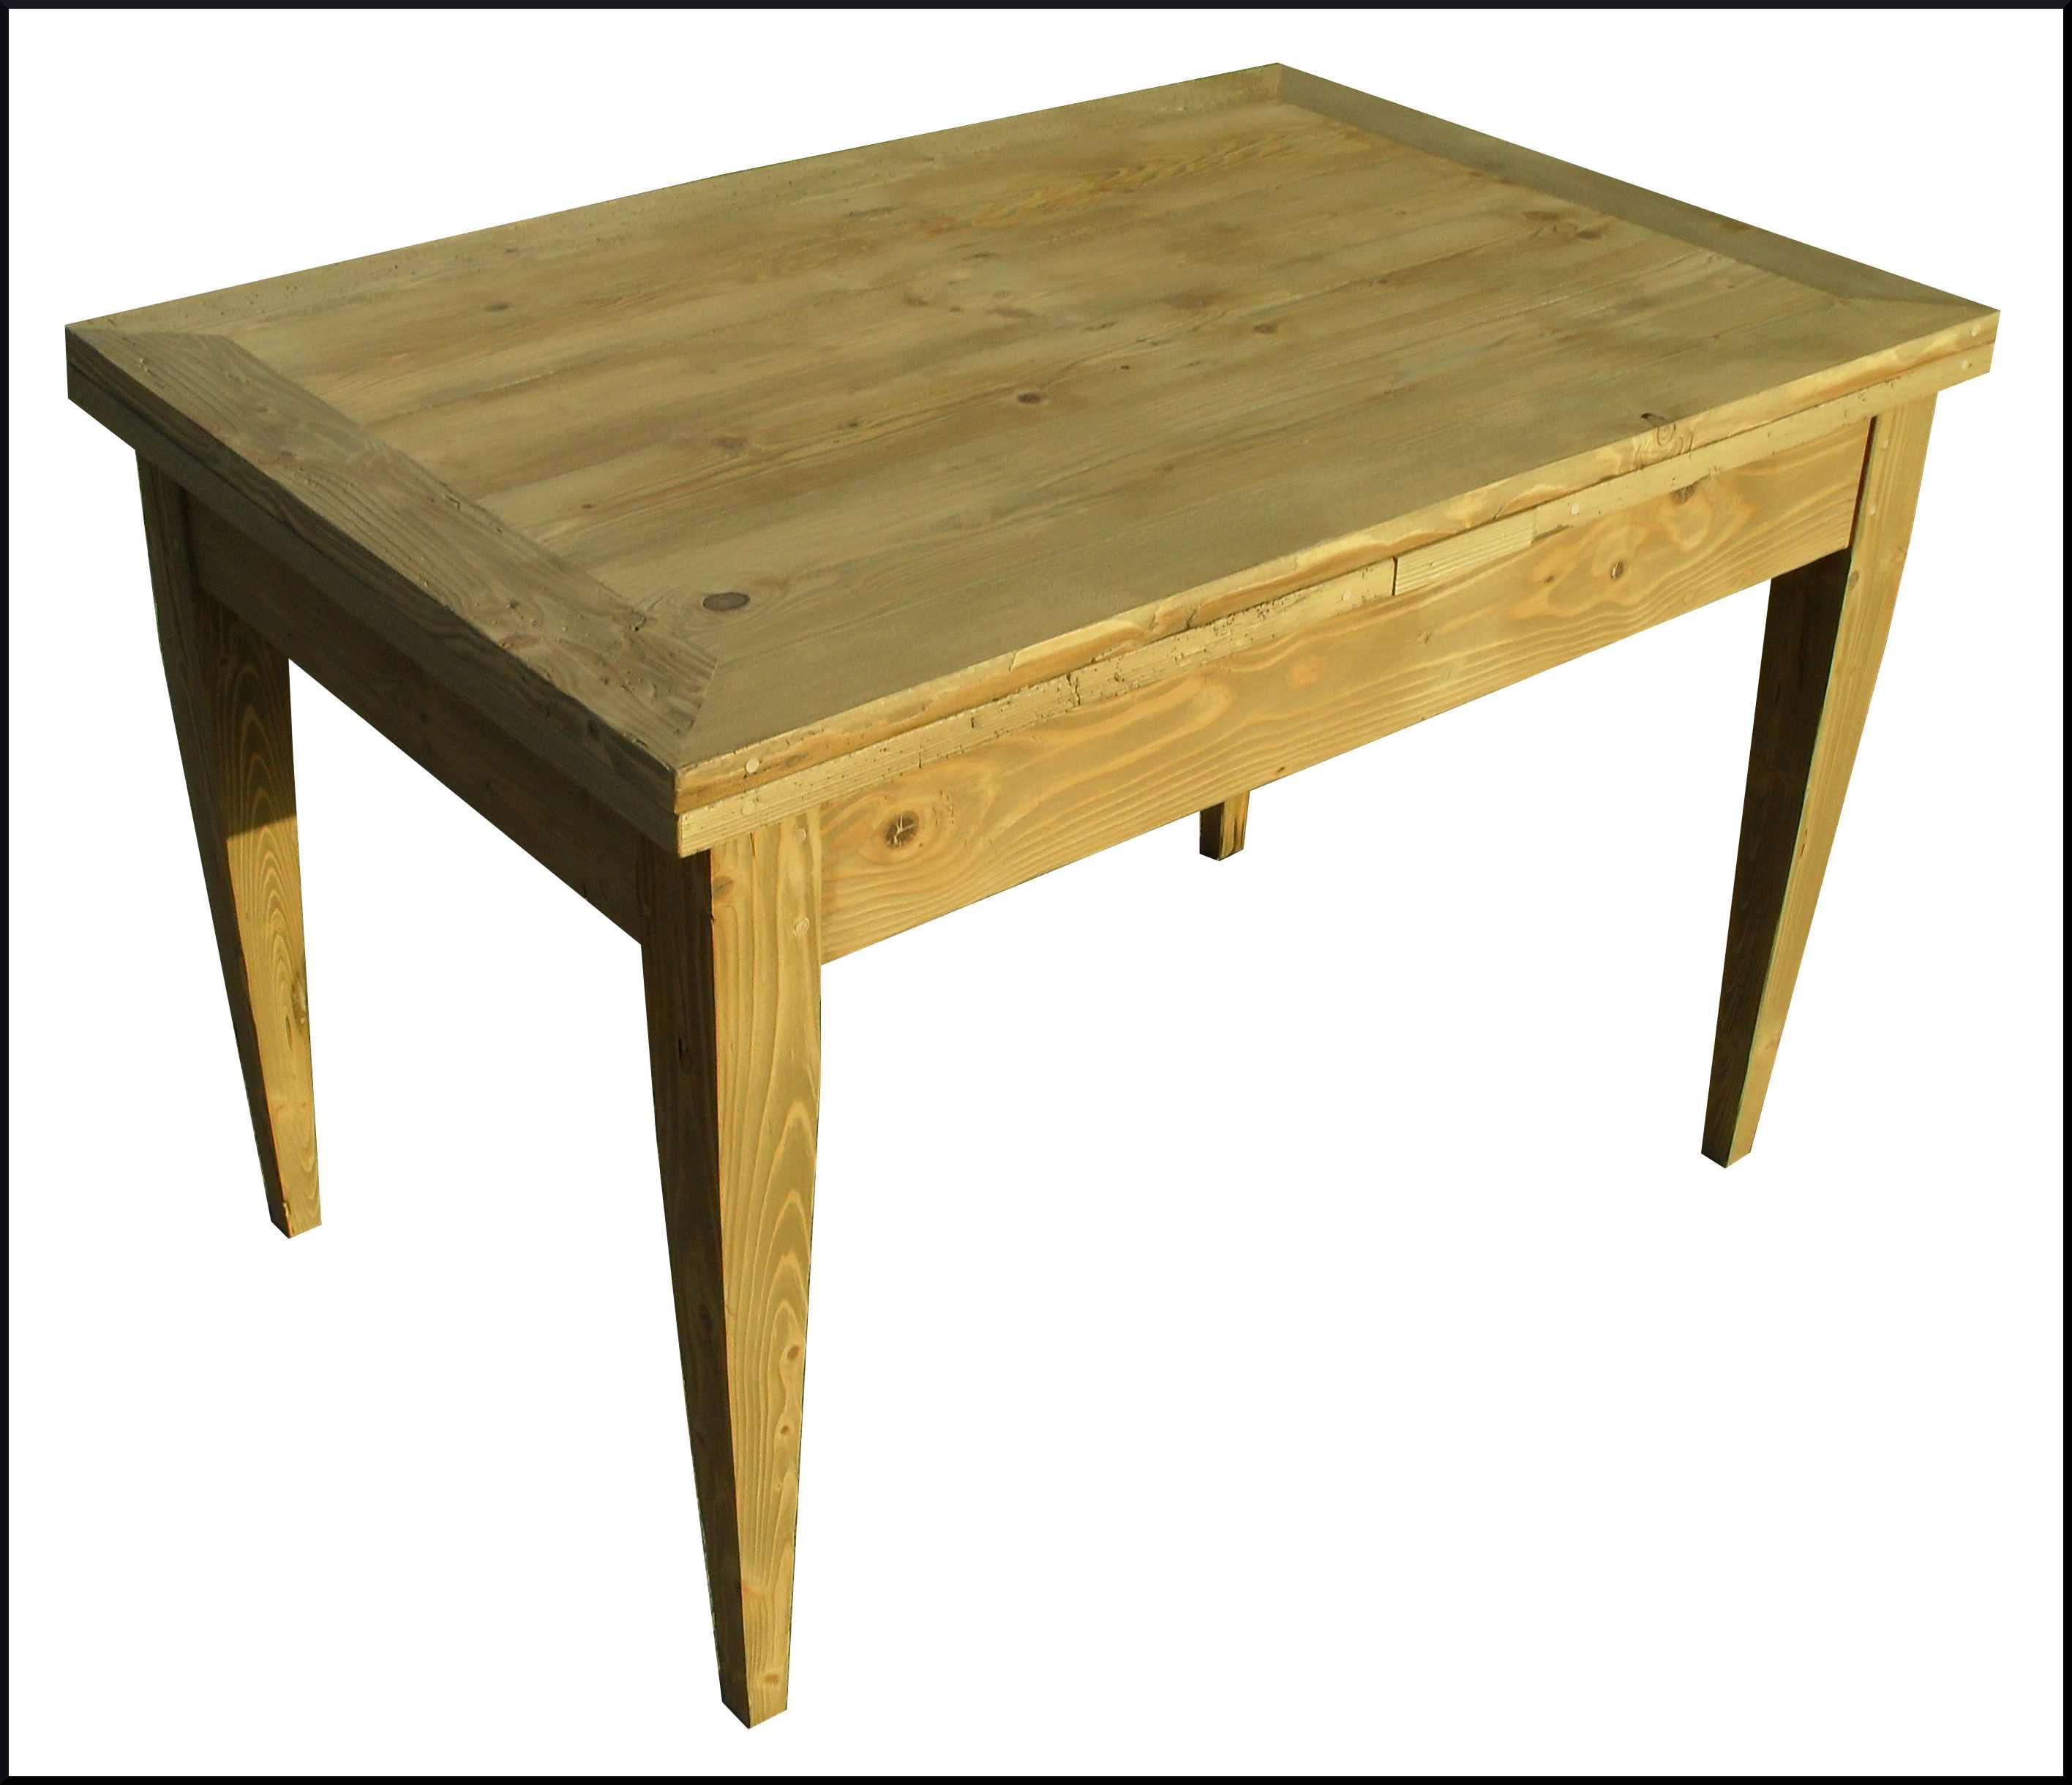 Obi lade da tavolo lade da tavolo illuminazione for Tavoli da giardino obi